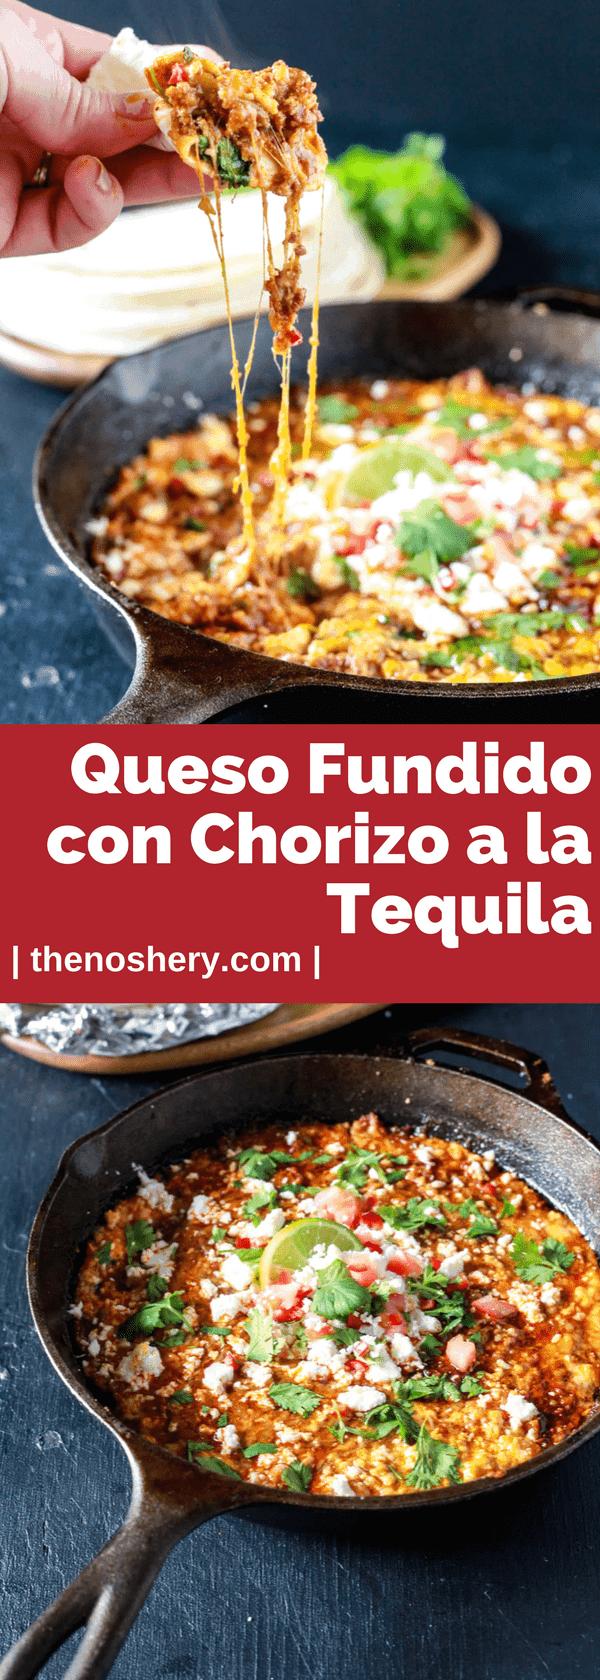 Queso Fundido Con Chorizo a la Tequila